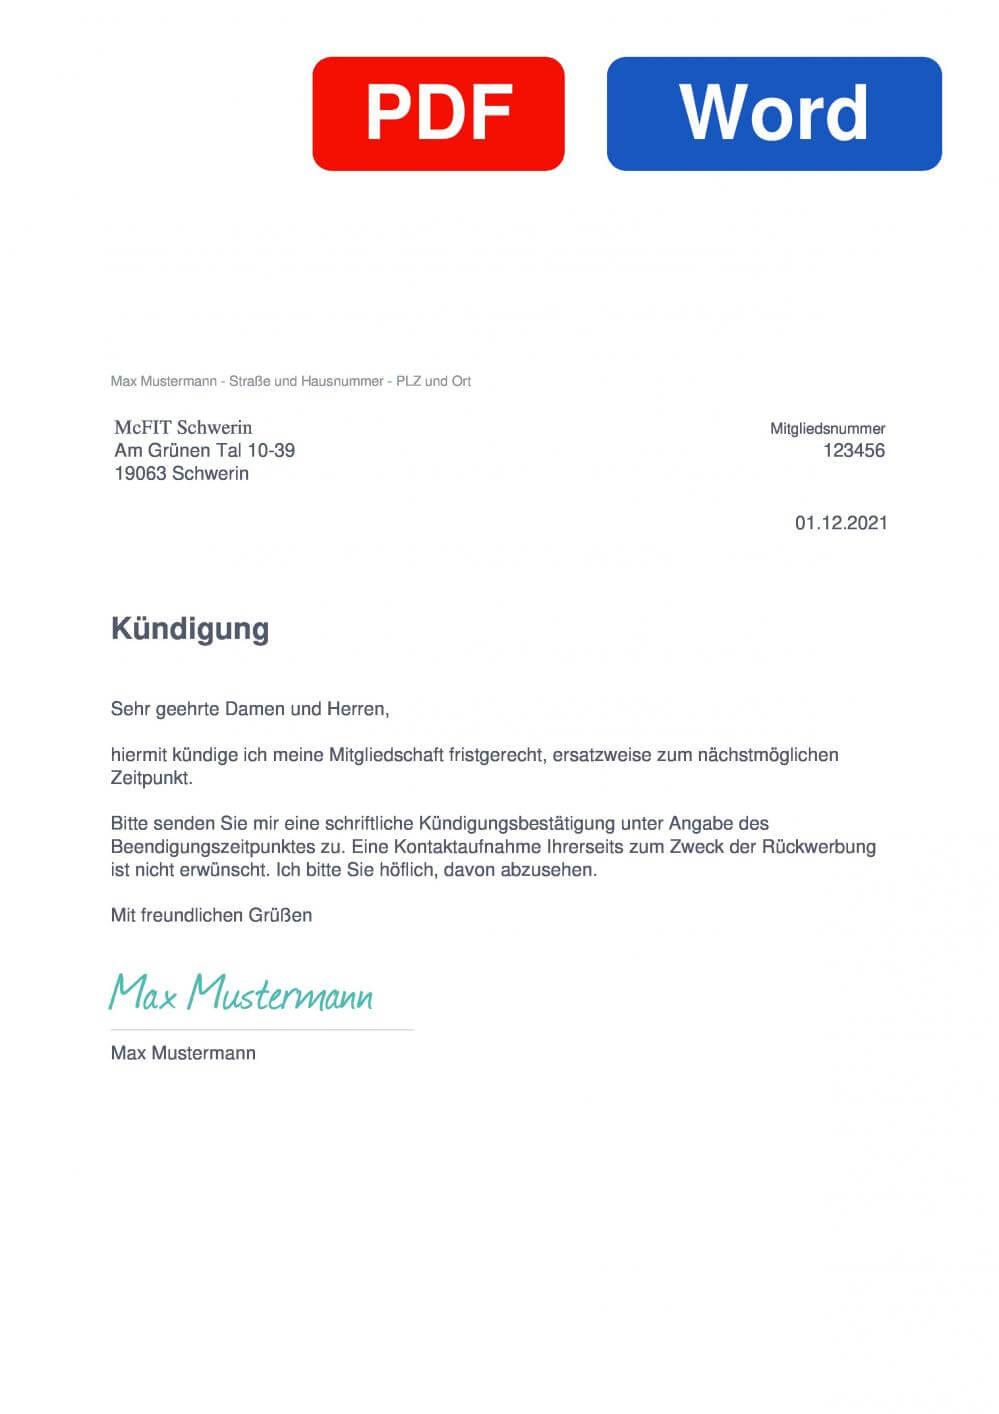 McFIT Schwerin Muster Vorlage für Kündigungsschreiben